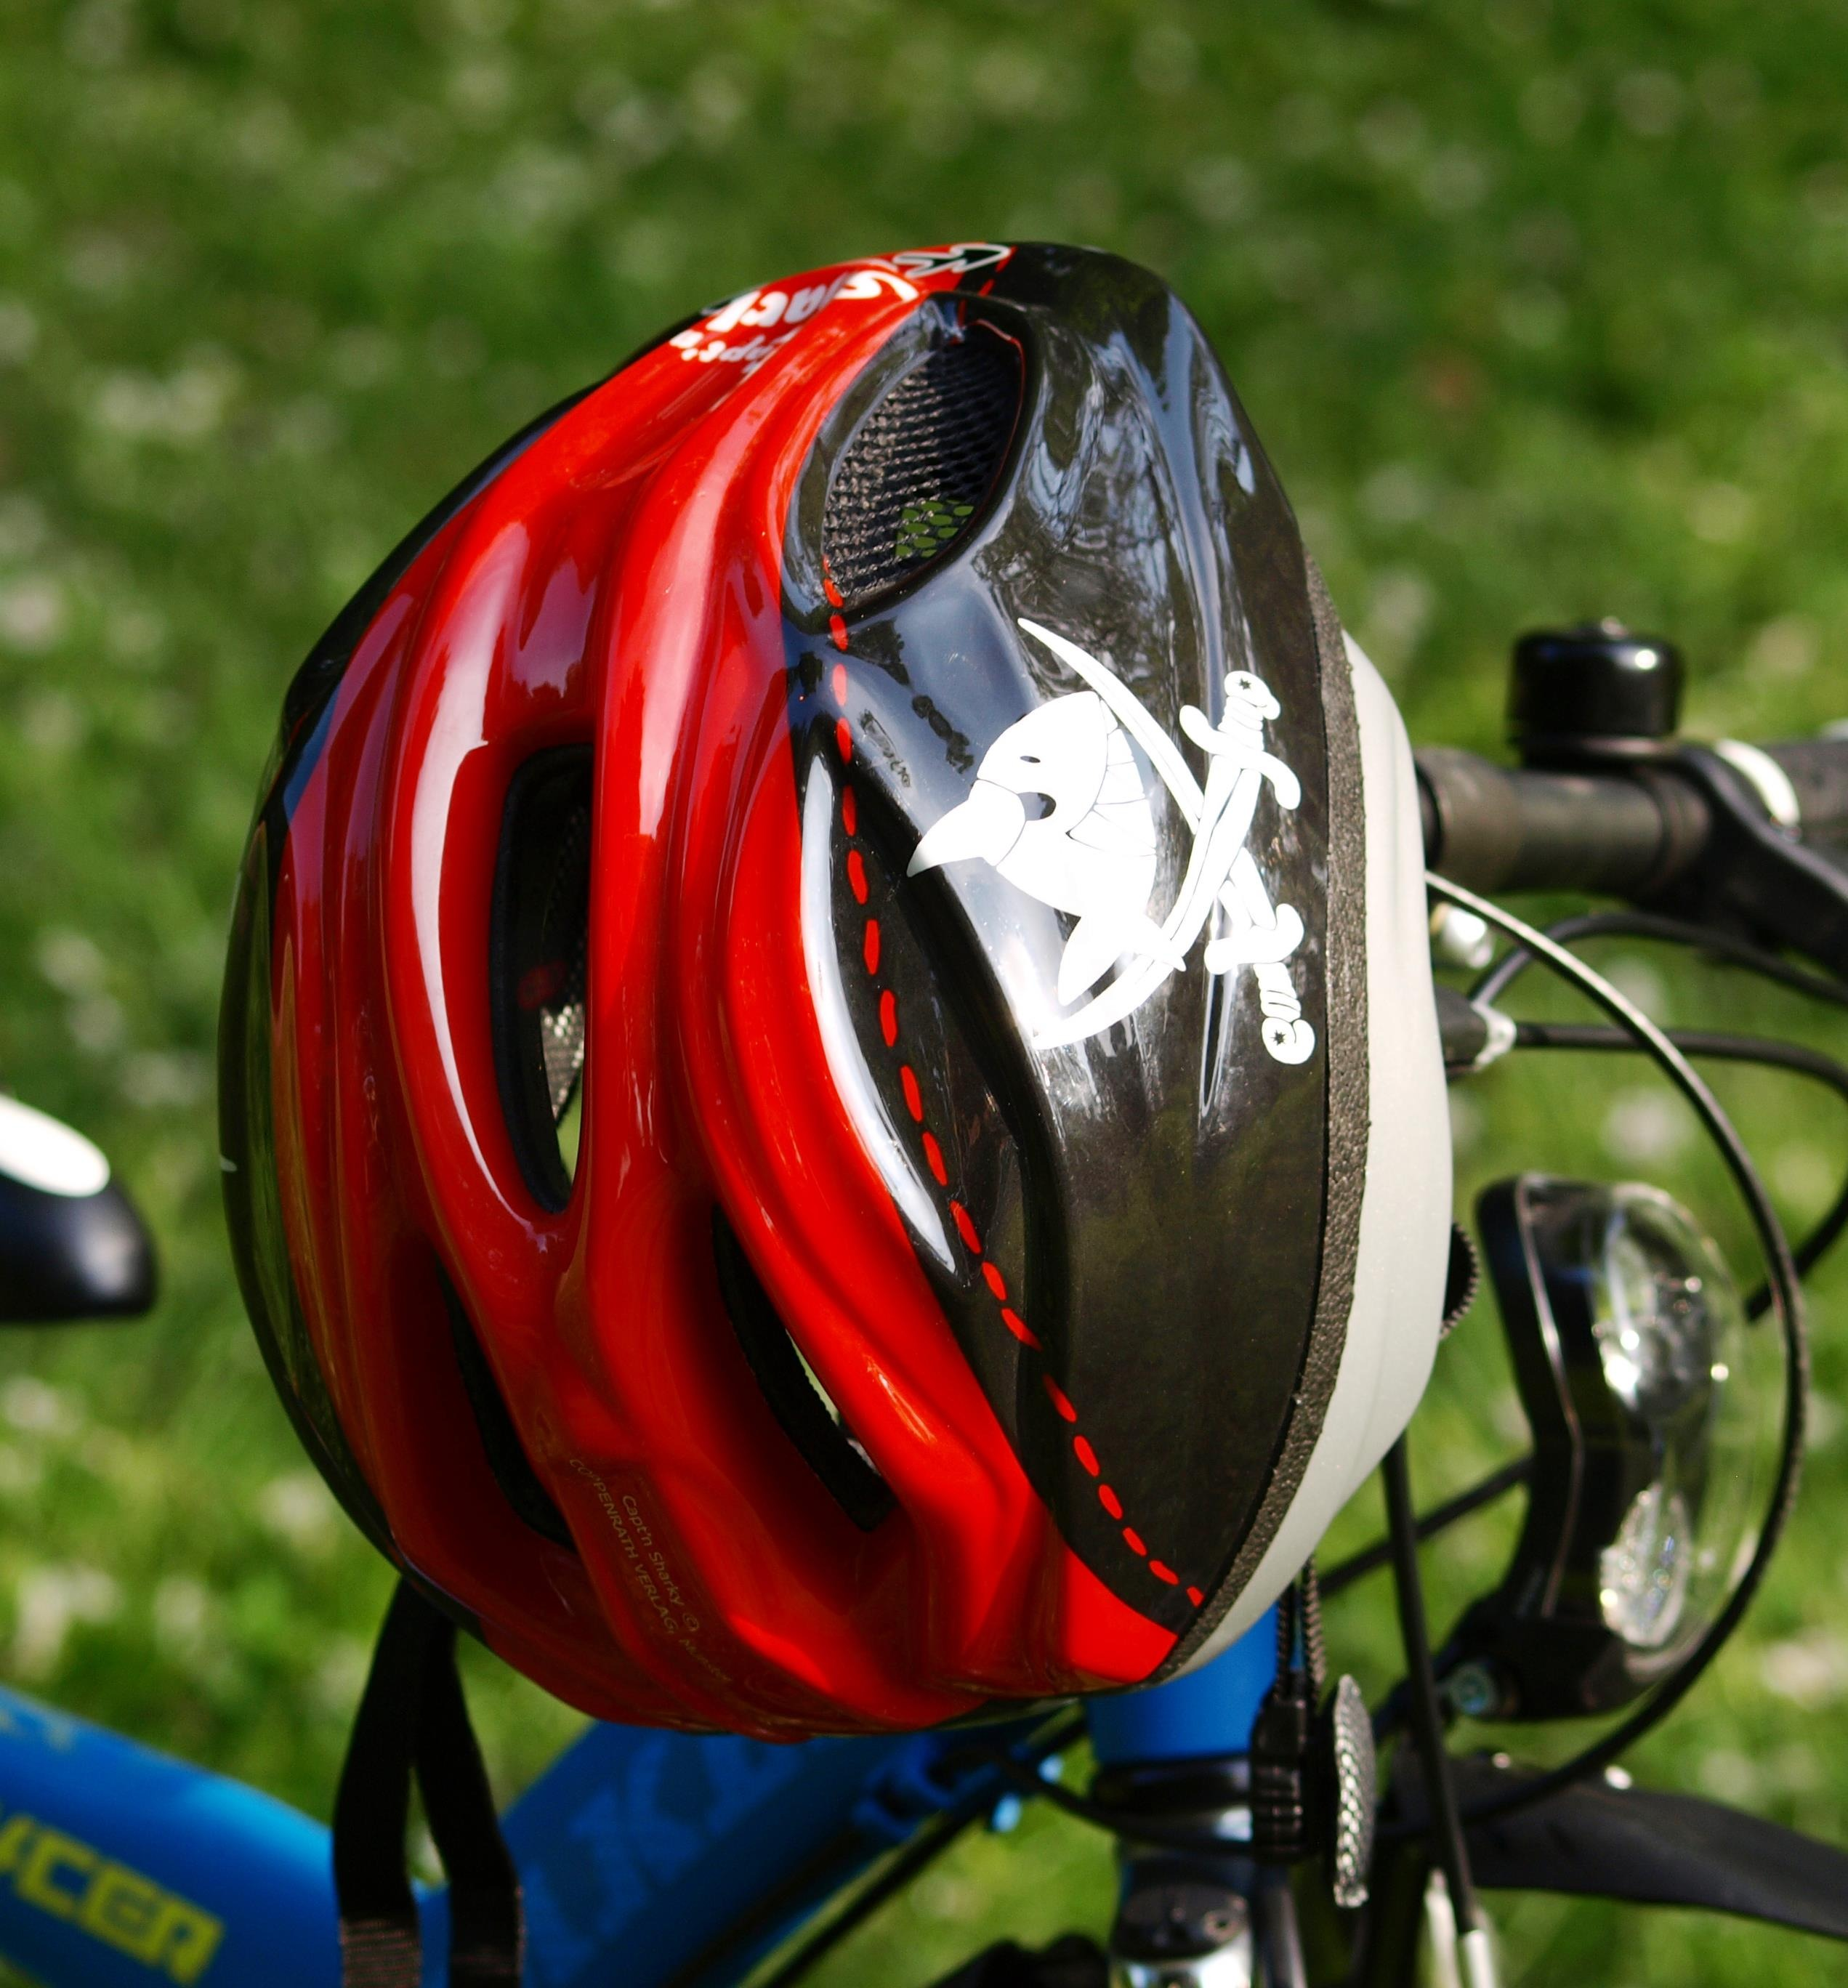 Горячие головы: как правильно выбирать шлем велосипедисту